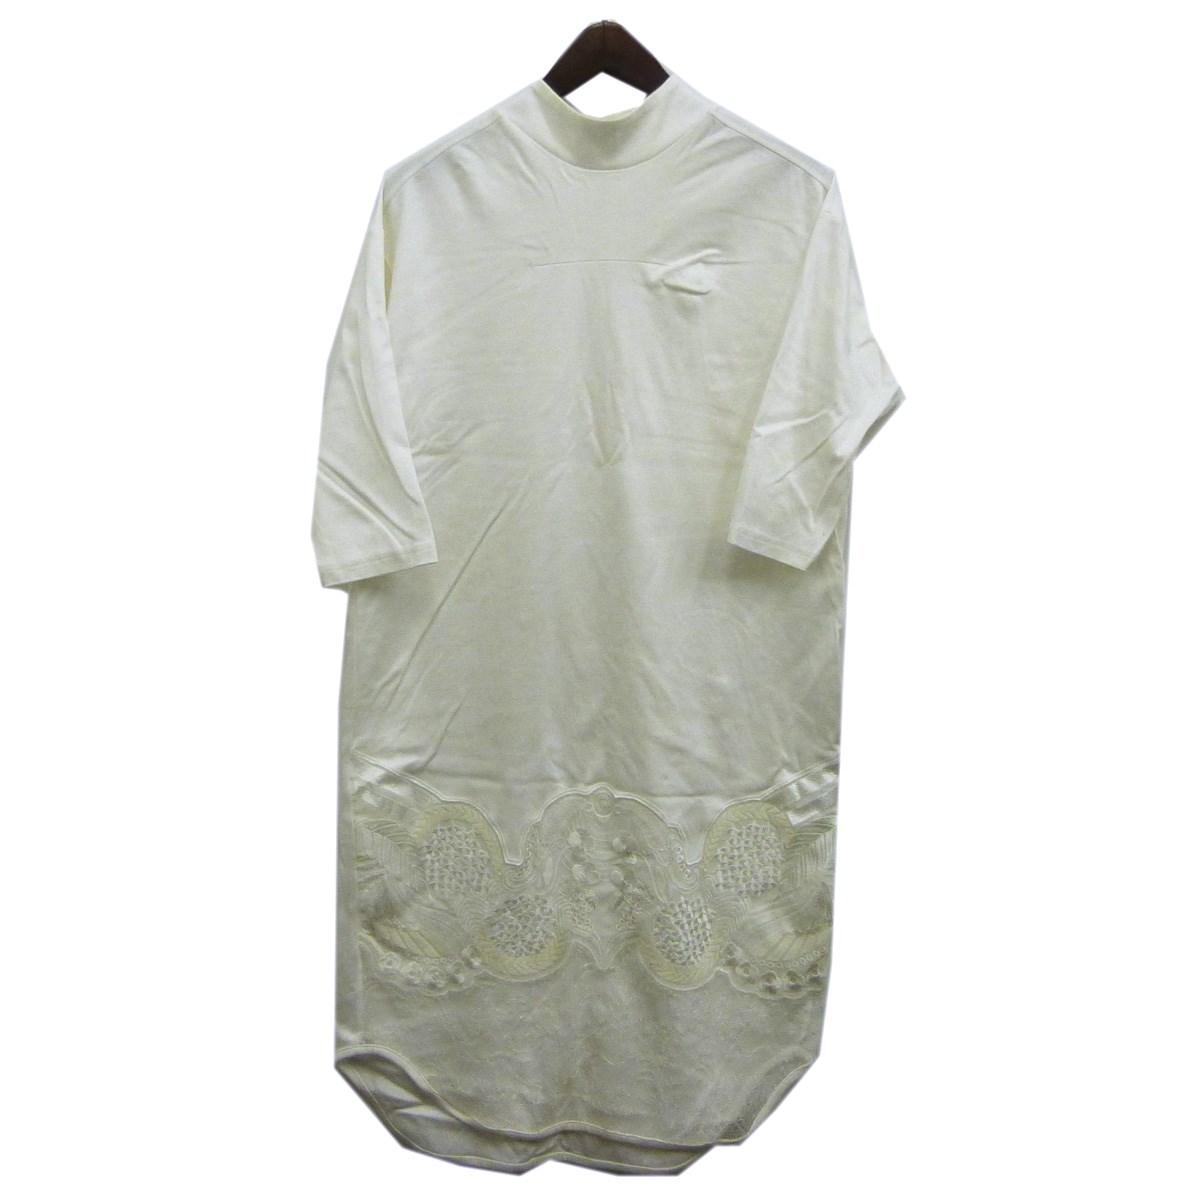 【中古】mame裾レースワンピース ホワイト サイズ:1